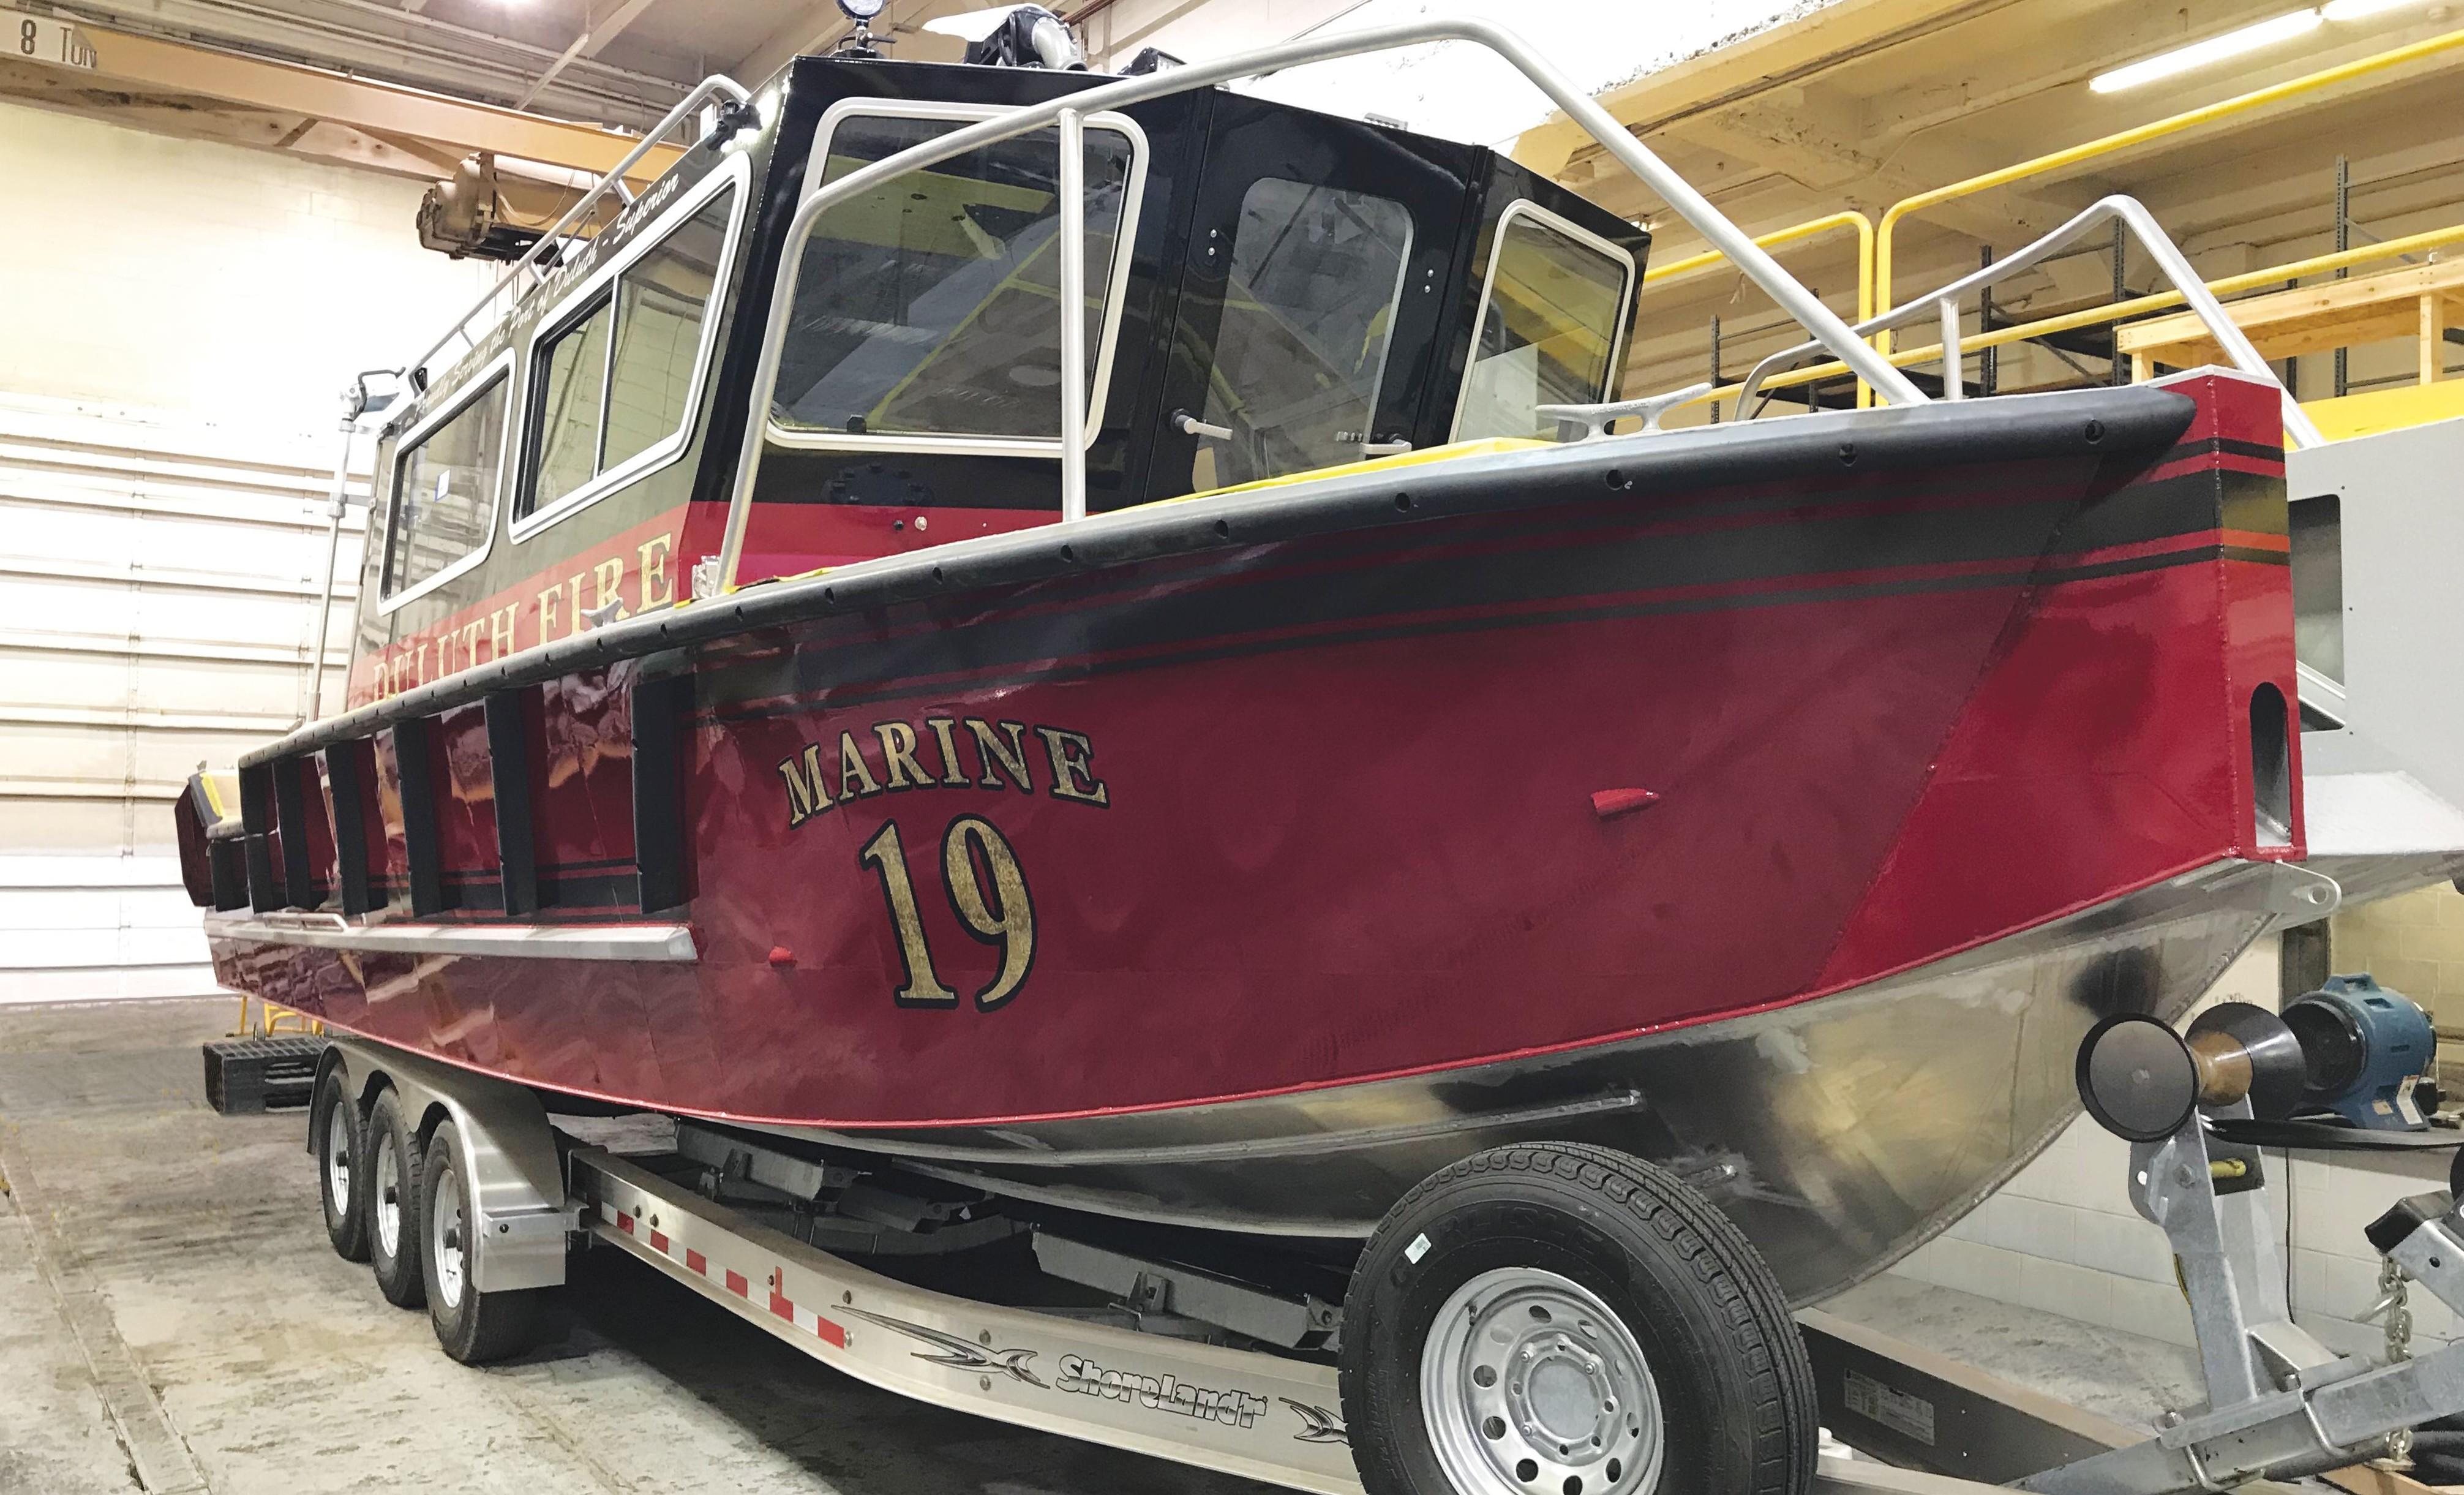 Fire Boat Minnesota Minneapolis Fire Department Fireboat 22 Fire Rescue Boat